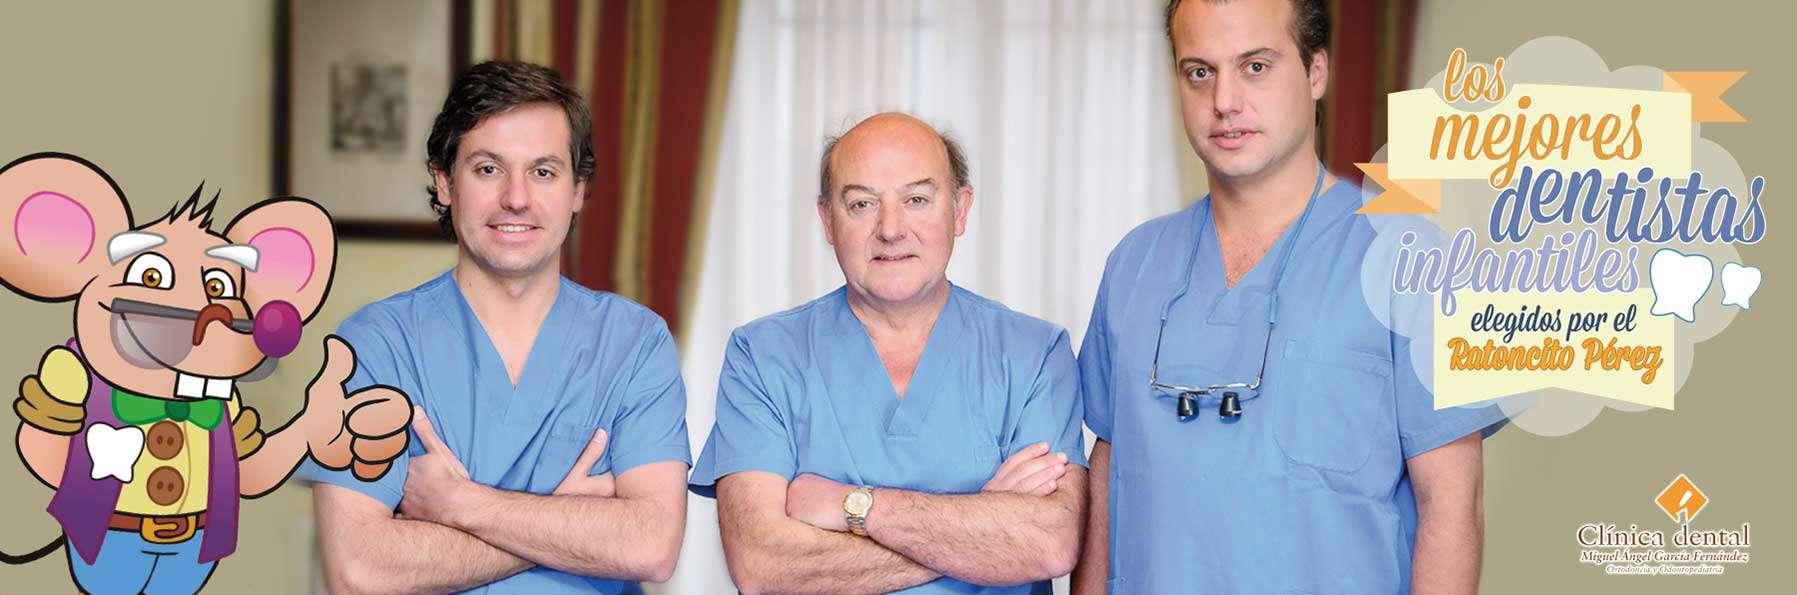 Blog de odontología de la Clínica Dental Miguel García Pérez